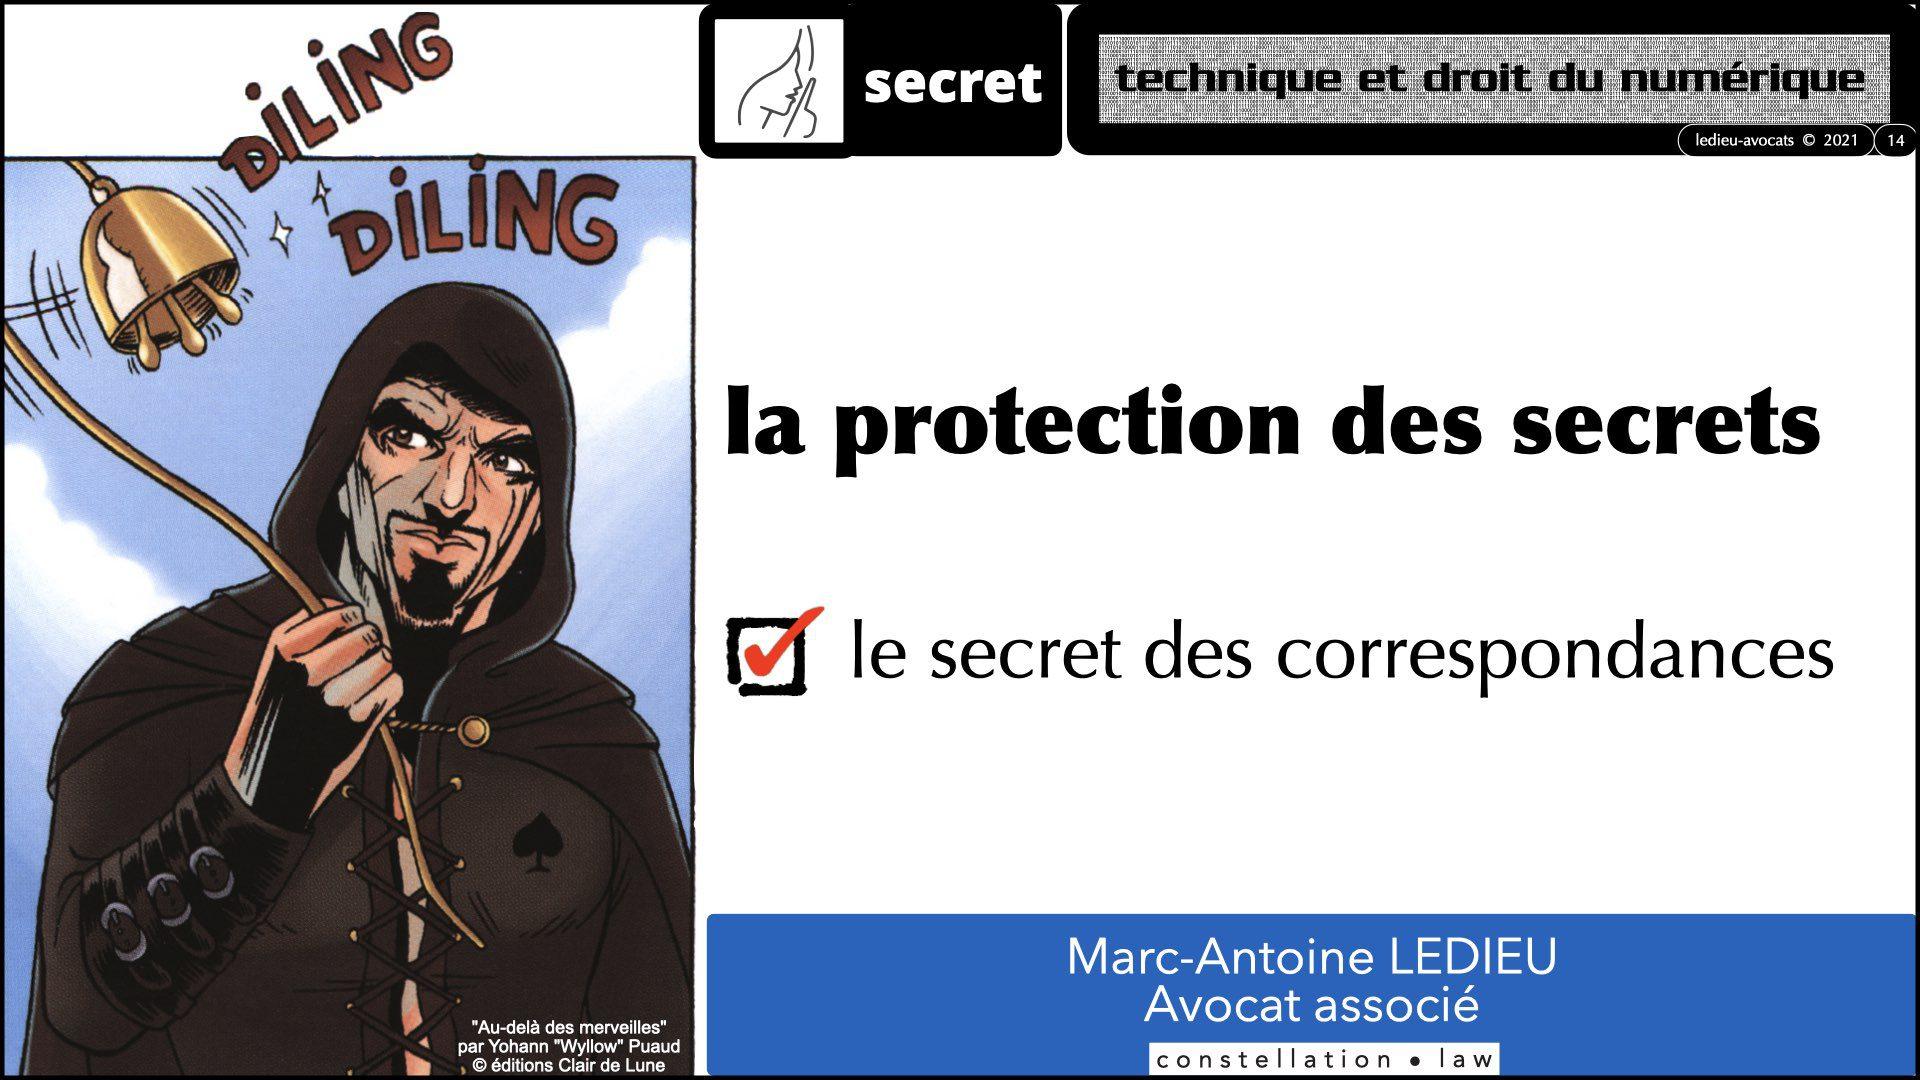 #346 zOOm X'UP SECRET d'affaire confidentialité non disclosure NDA © Ledieu Avocats technique droit numerique BLOG en BD 12-09-2021.014